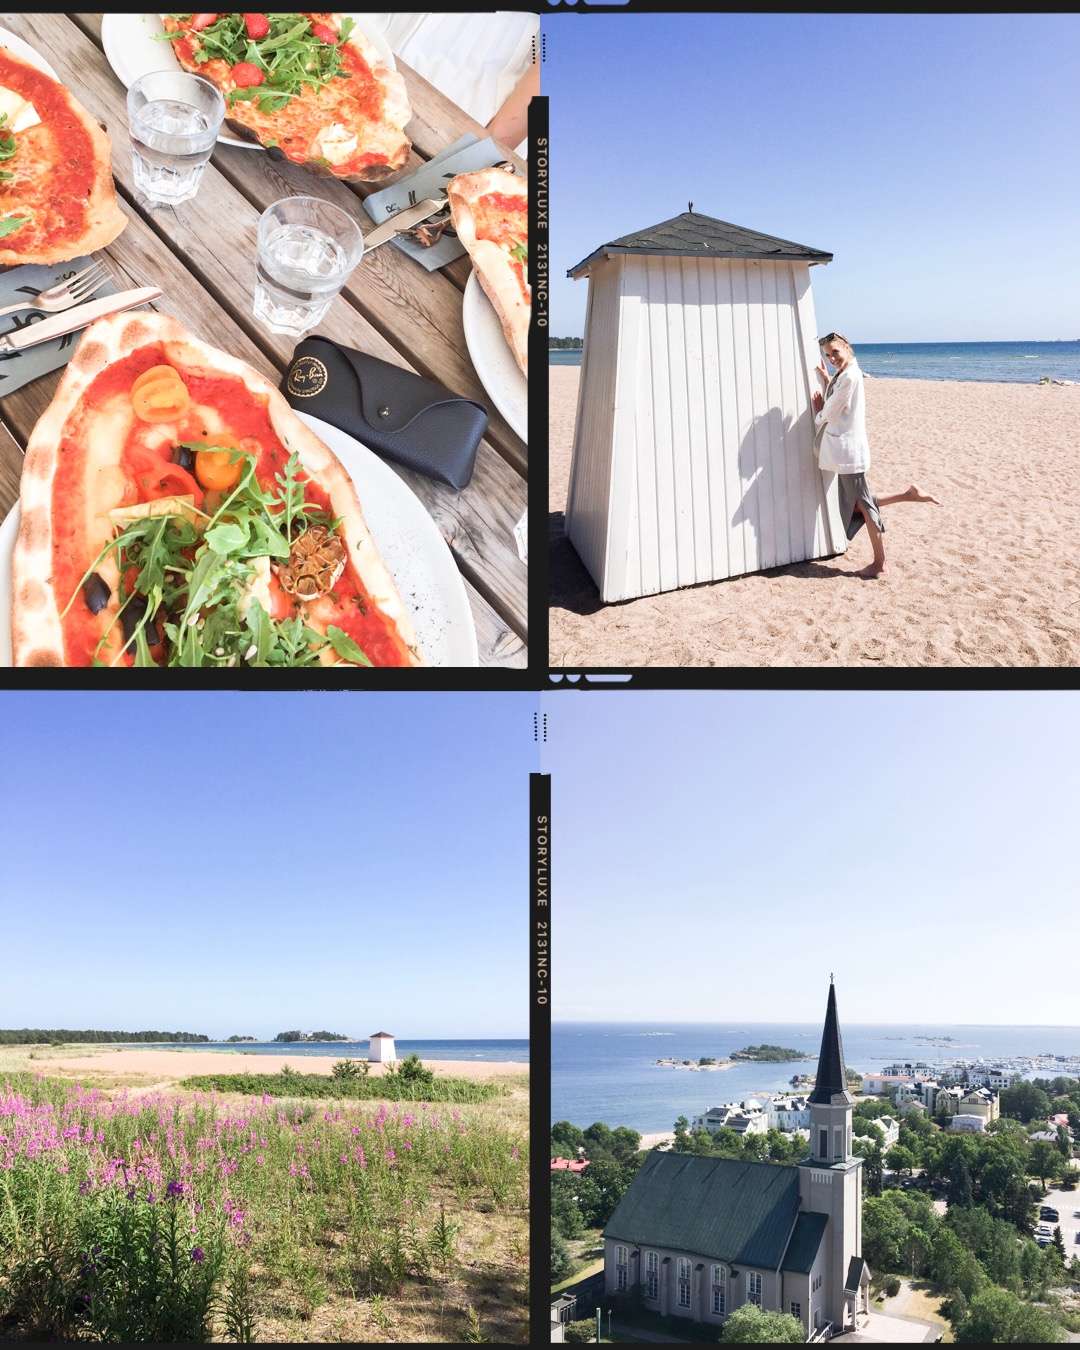 summer-snapshots-hanko-finland-skiffer-pizza-beach-scandinavia-nordics-kesäkuva-ranta